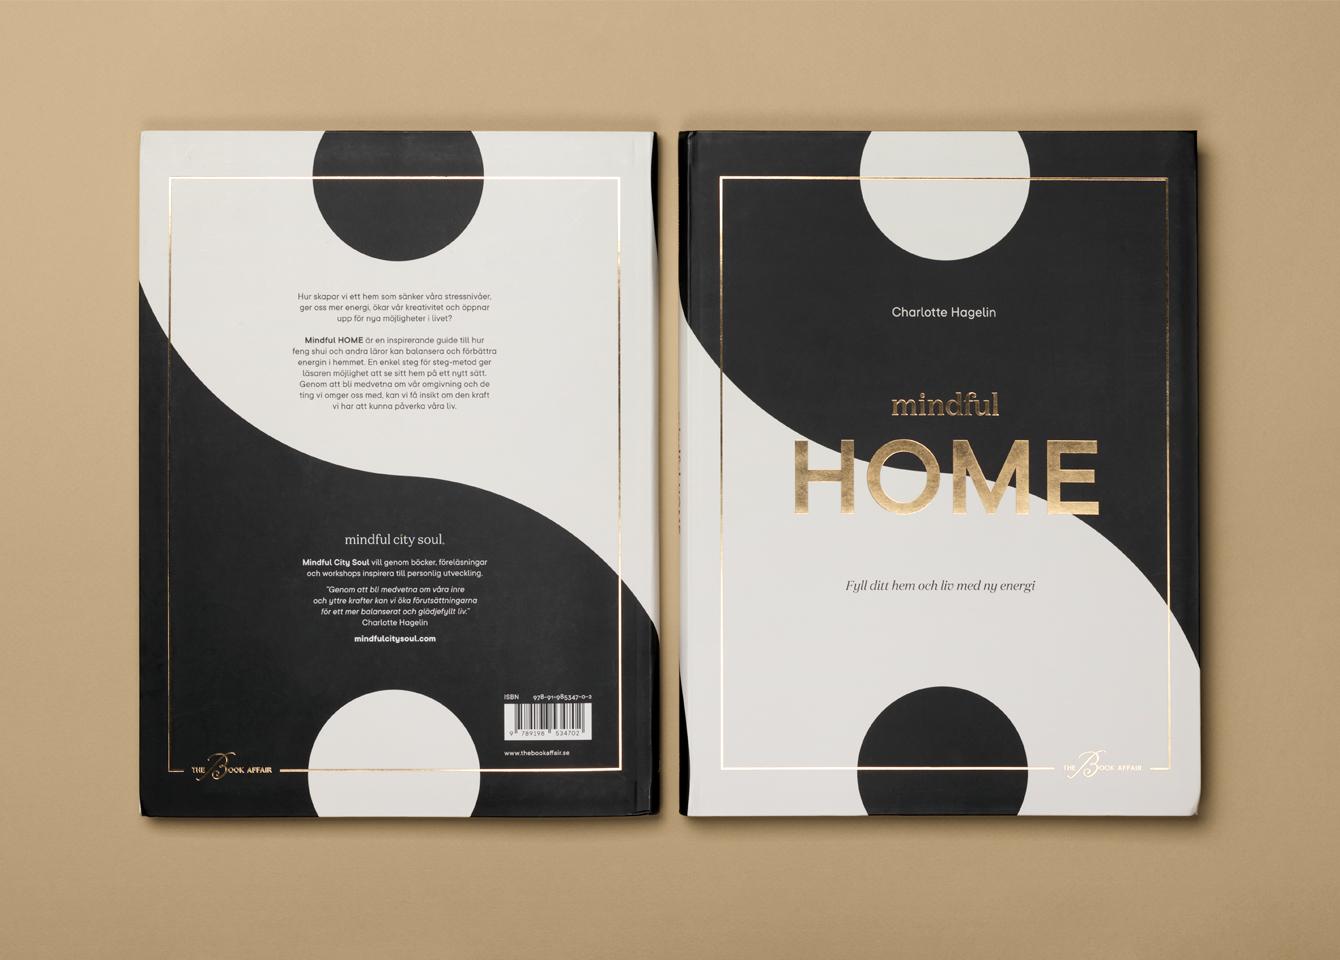 Mindful home. Bok av Charlotte Hagelin. Design av Kate designstudio.